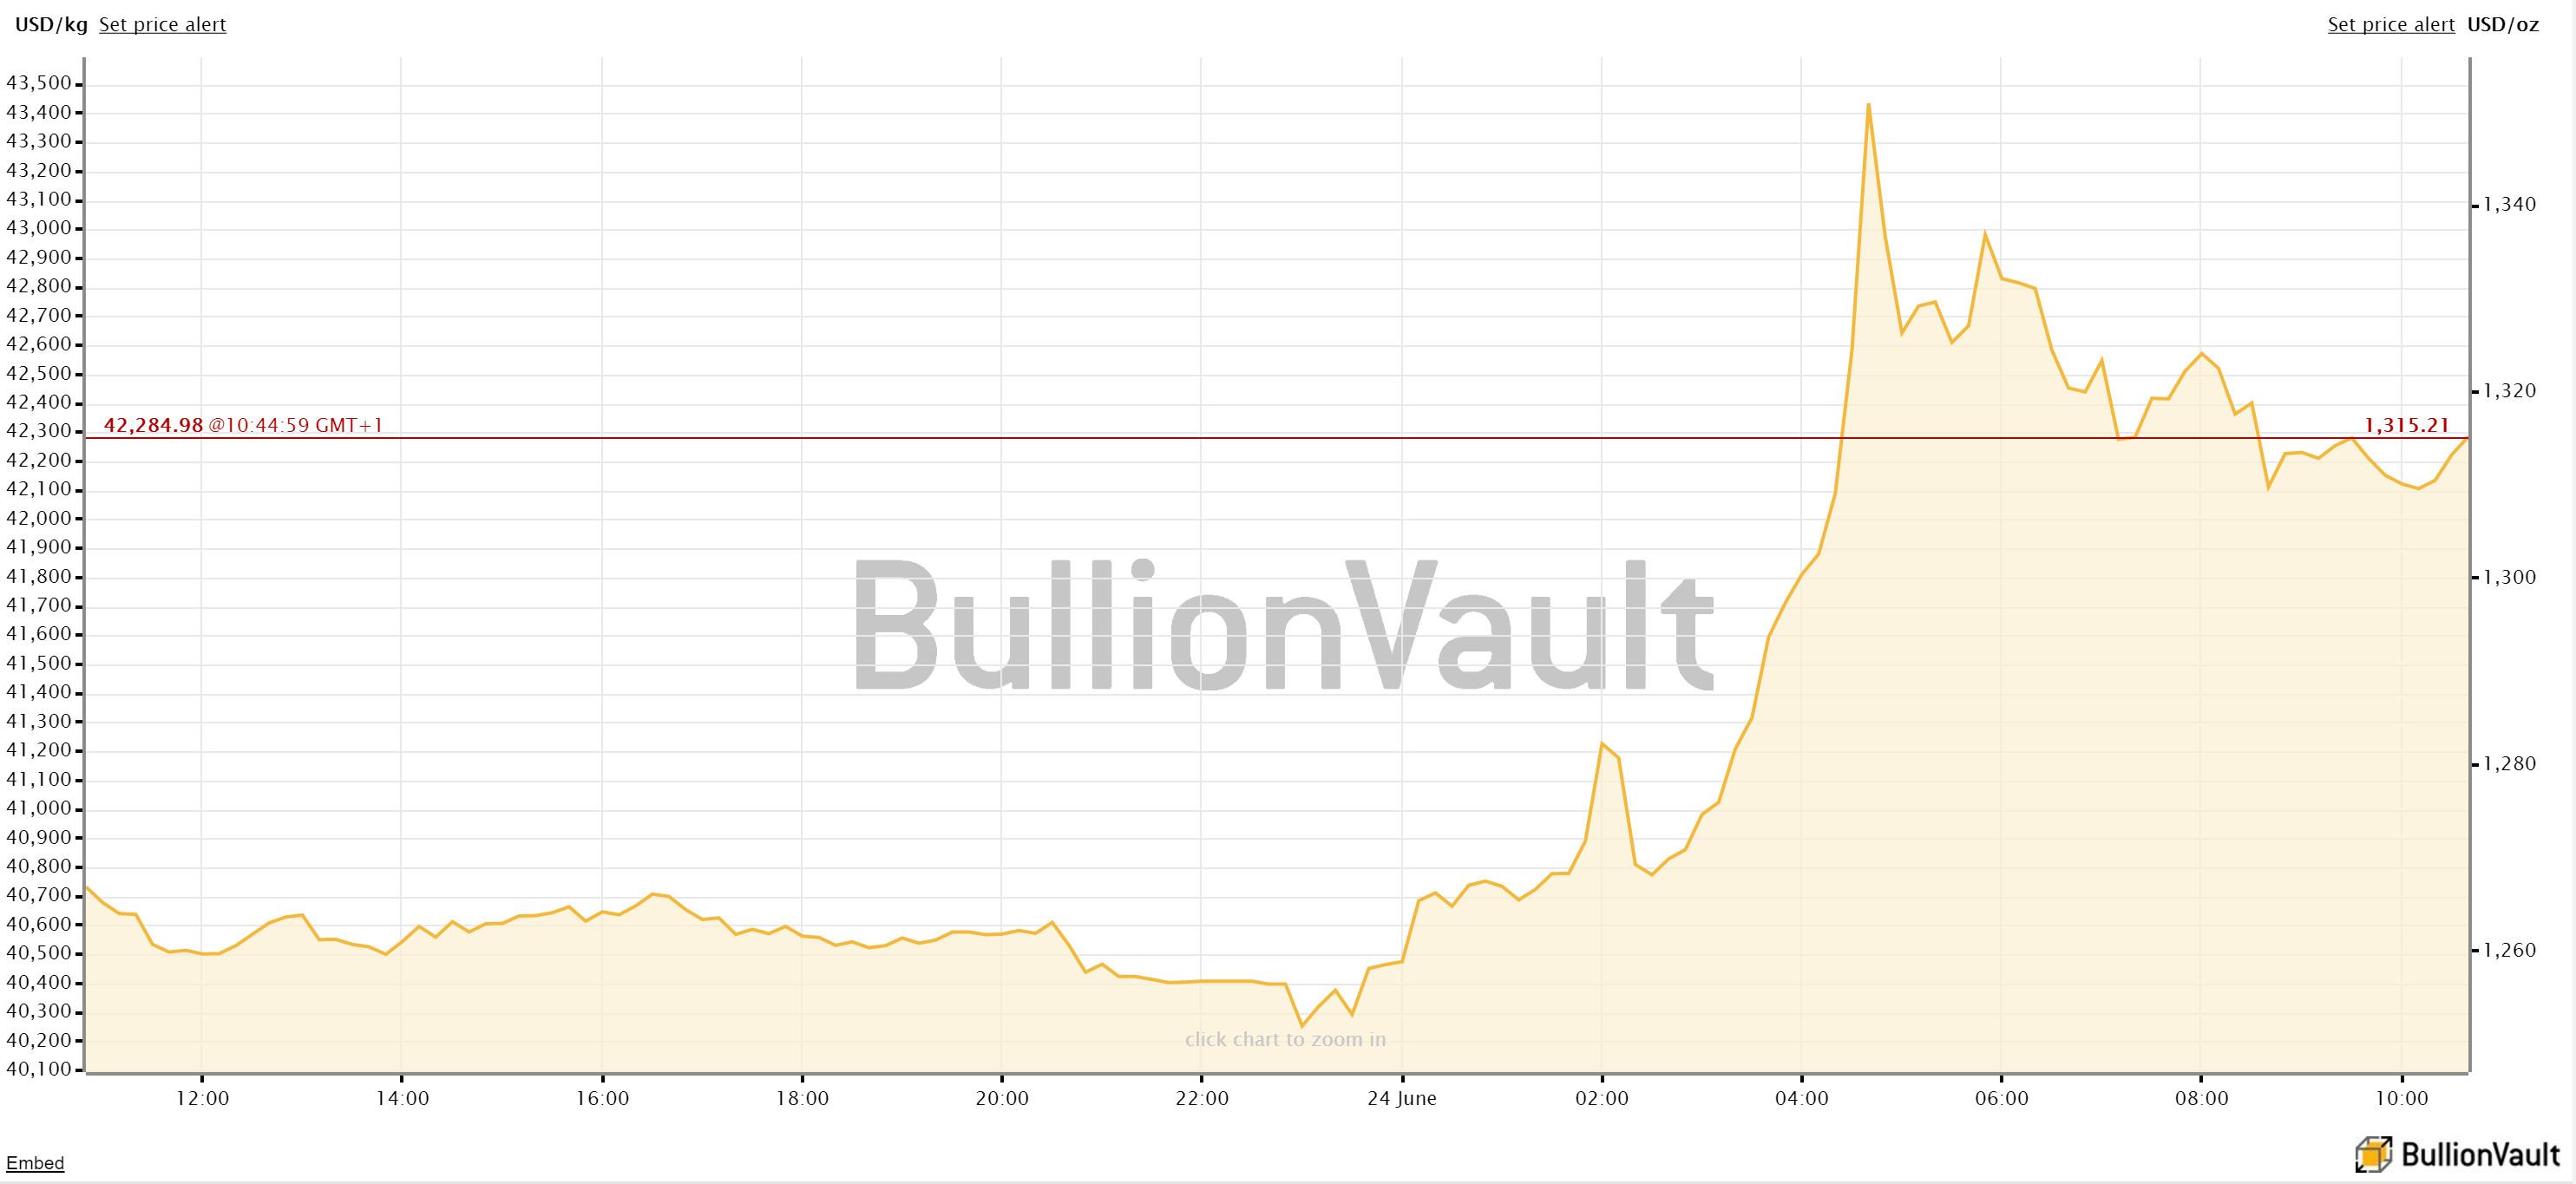 Gold price euref